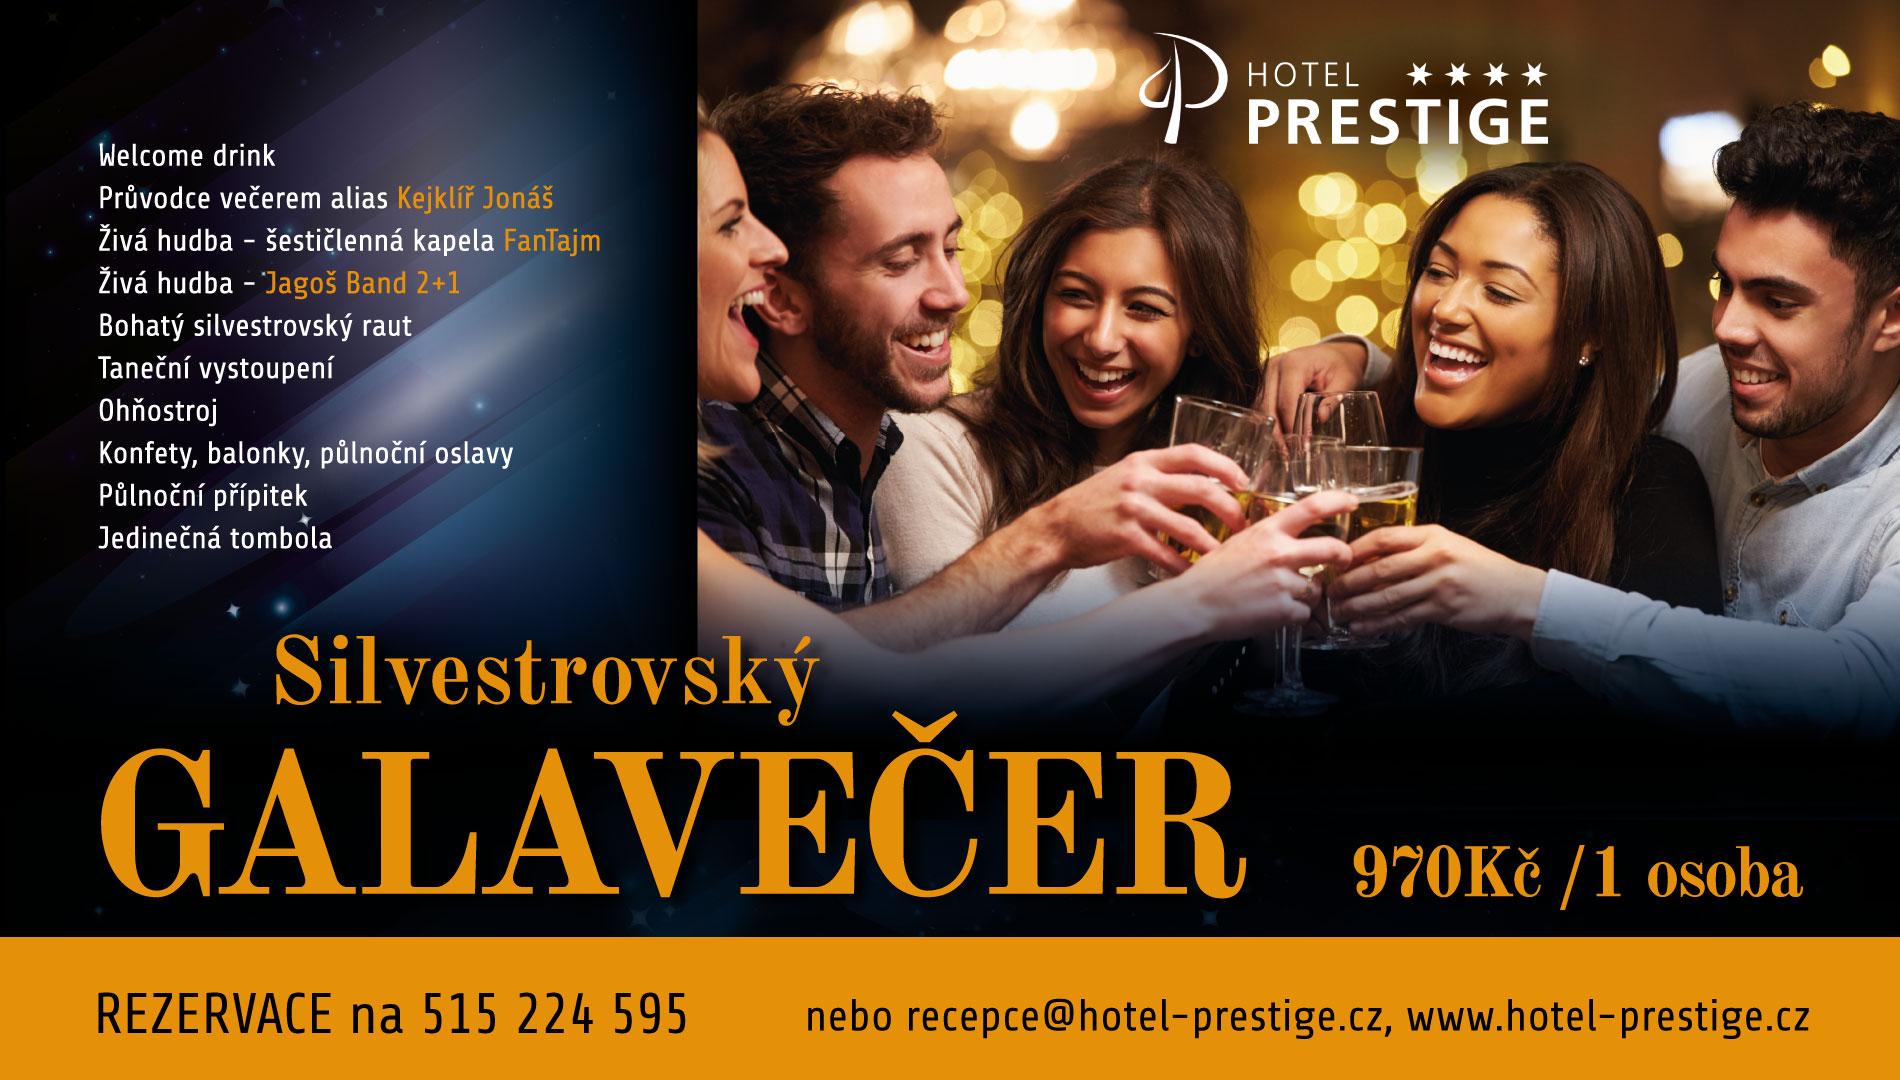 Silvestrovská akce, přivítání nového roku v hotelu Znojmo